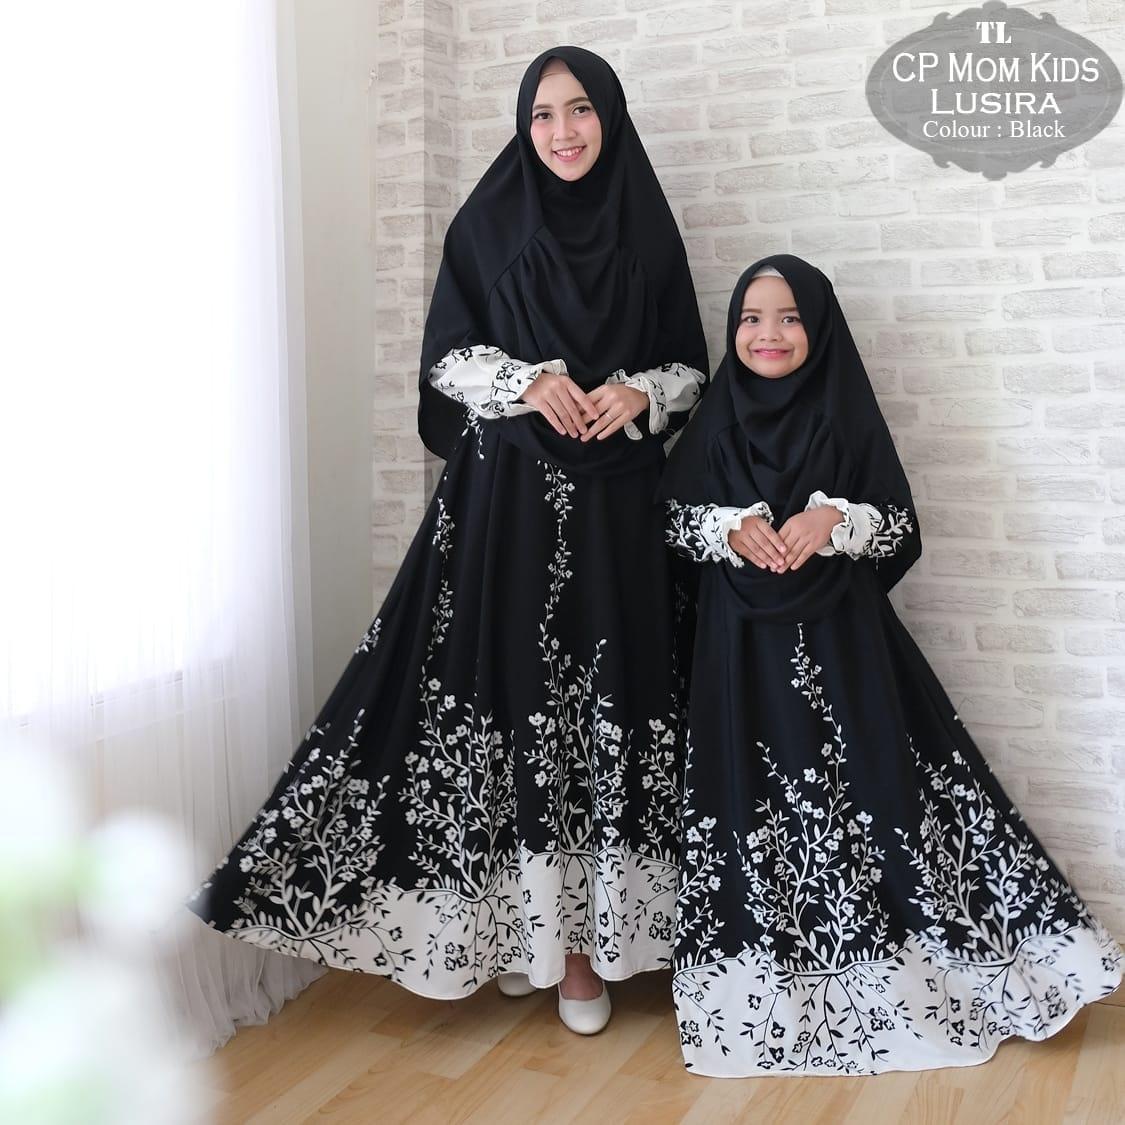 Silentriver88 gamis muslimah syar'i monalis lusiwa ibu dan anak couple